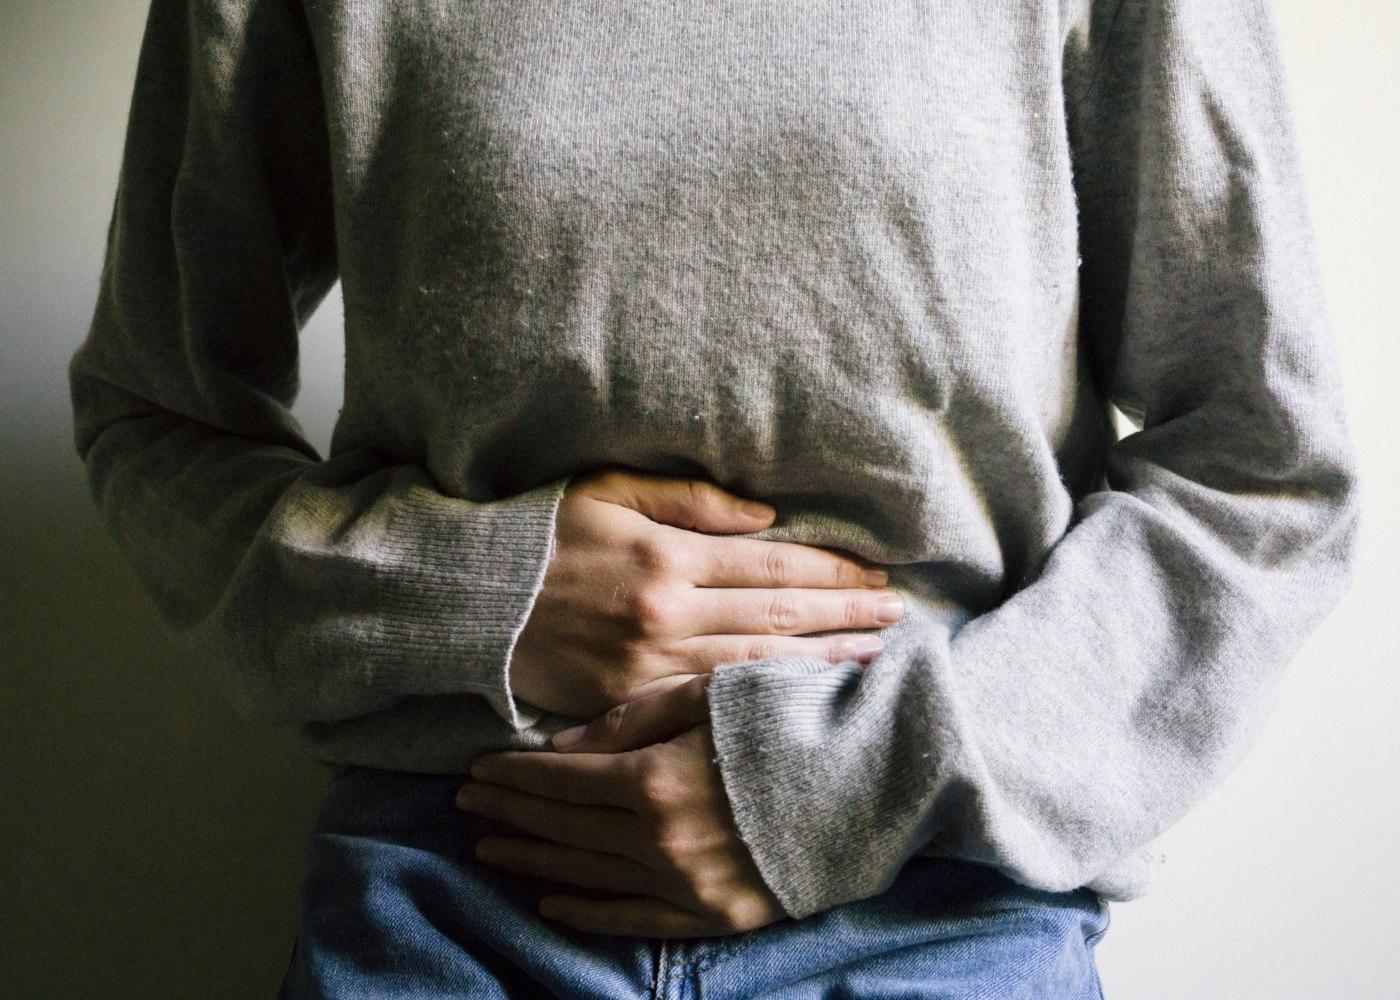 Mulher com dores de obstipação crónica